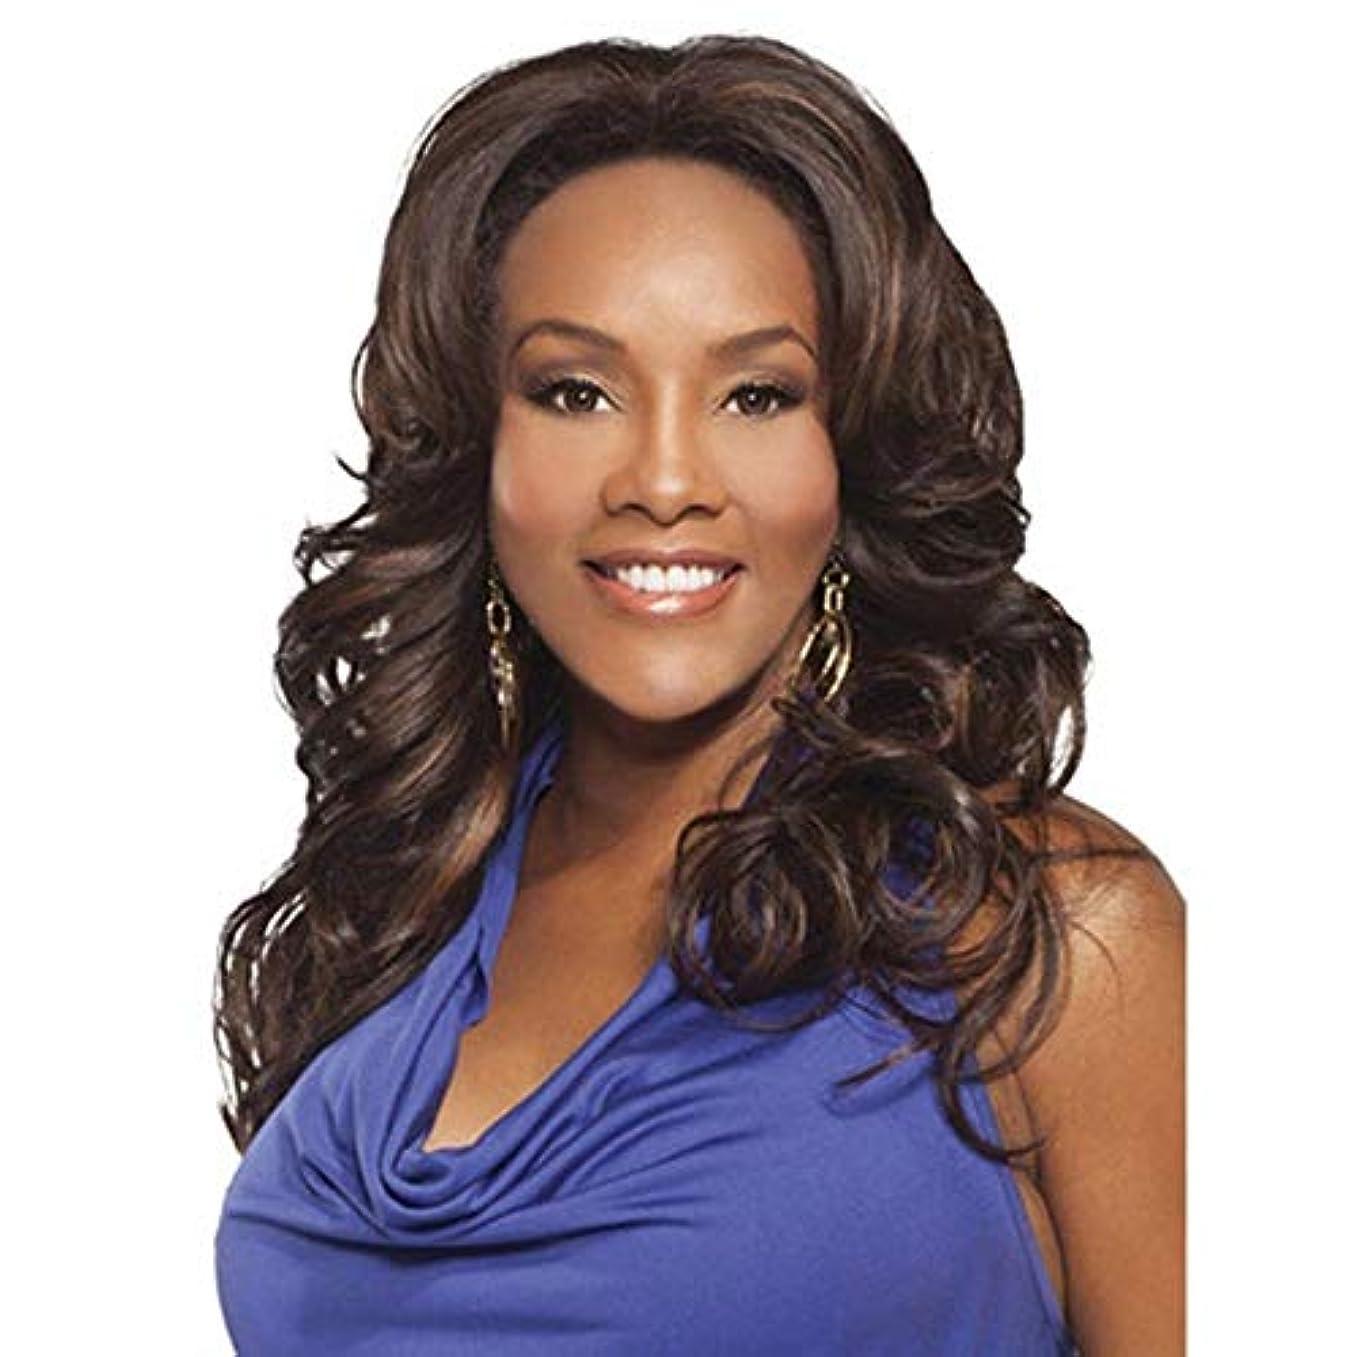 く学生コンテストWASAIO 黒人女性完全な頭部の髪ダークブラウンコスプレパーティーウィッグまたは日常生活+無料ウィッグキャップ用ウィッグ (色 : ブラウン)